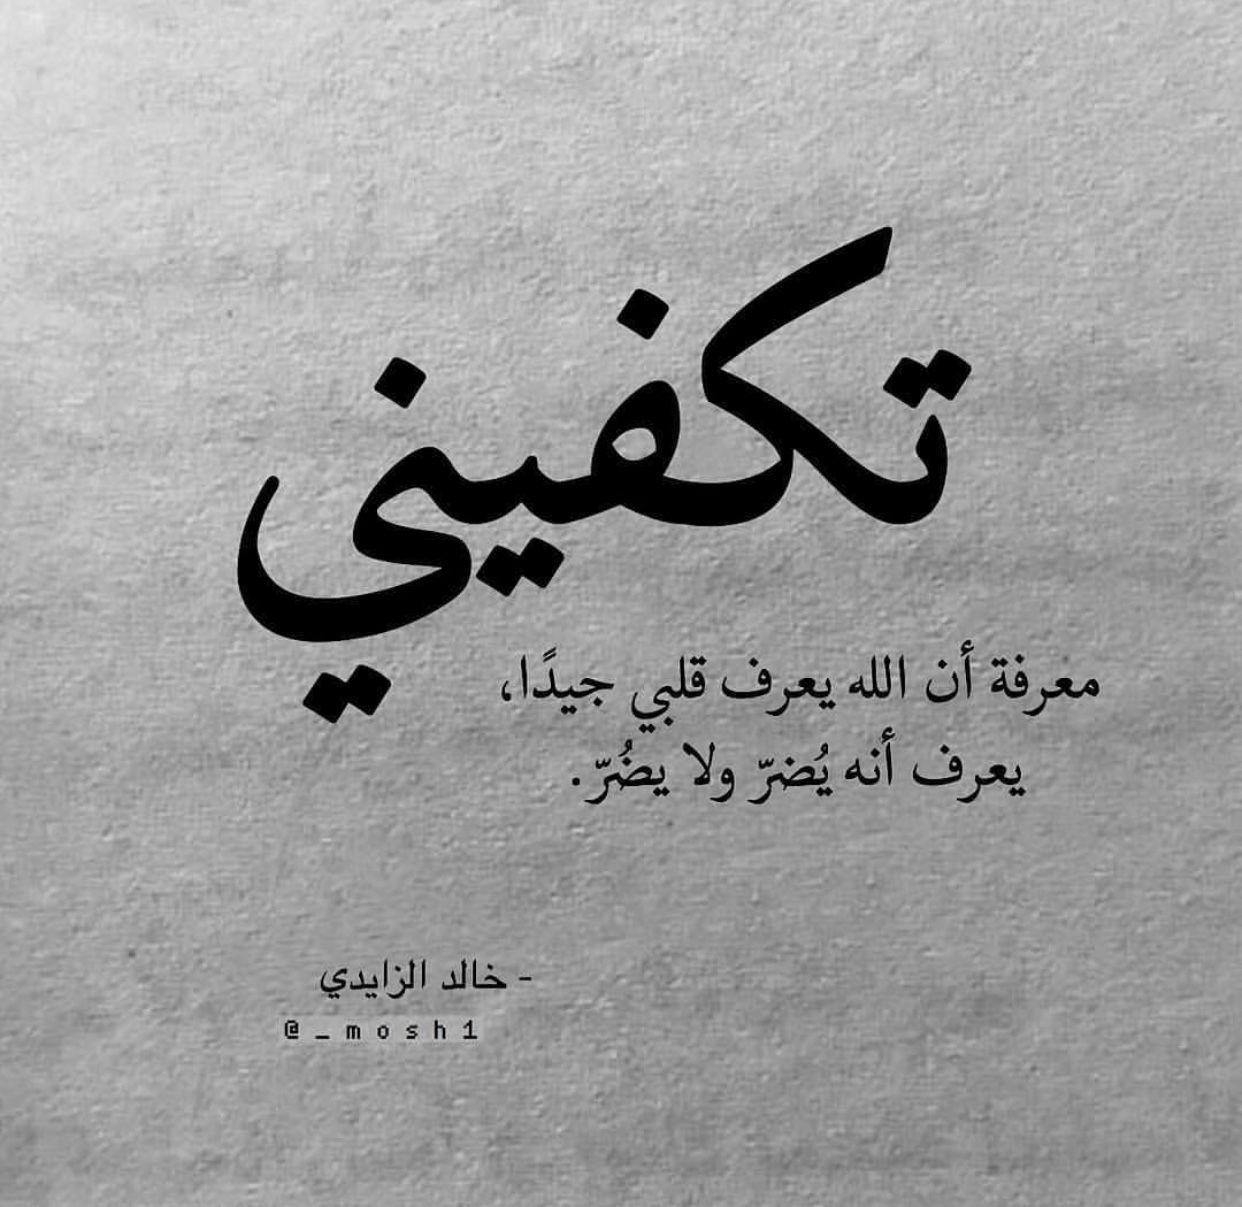 الحمد لله على صفاء النفس وبياض القلب وصدق الاحساس ورضى الله والوالدين Islamic Inspirational Quotes Real Life Quotes Proverbs Quotes